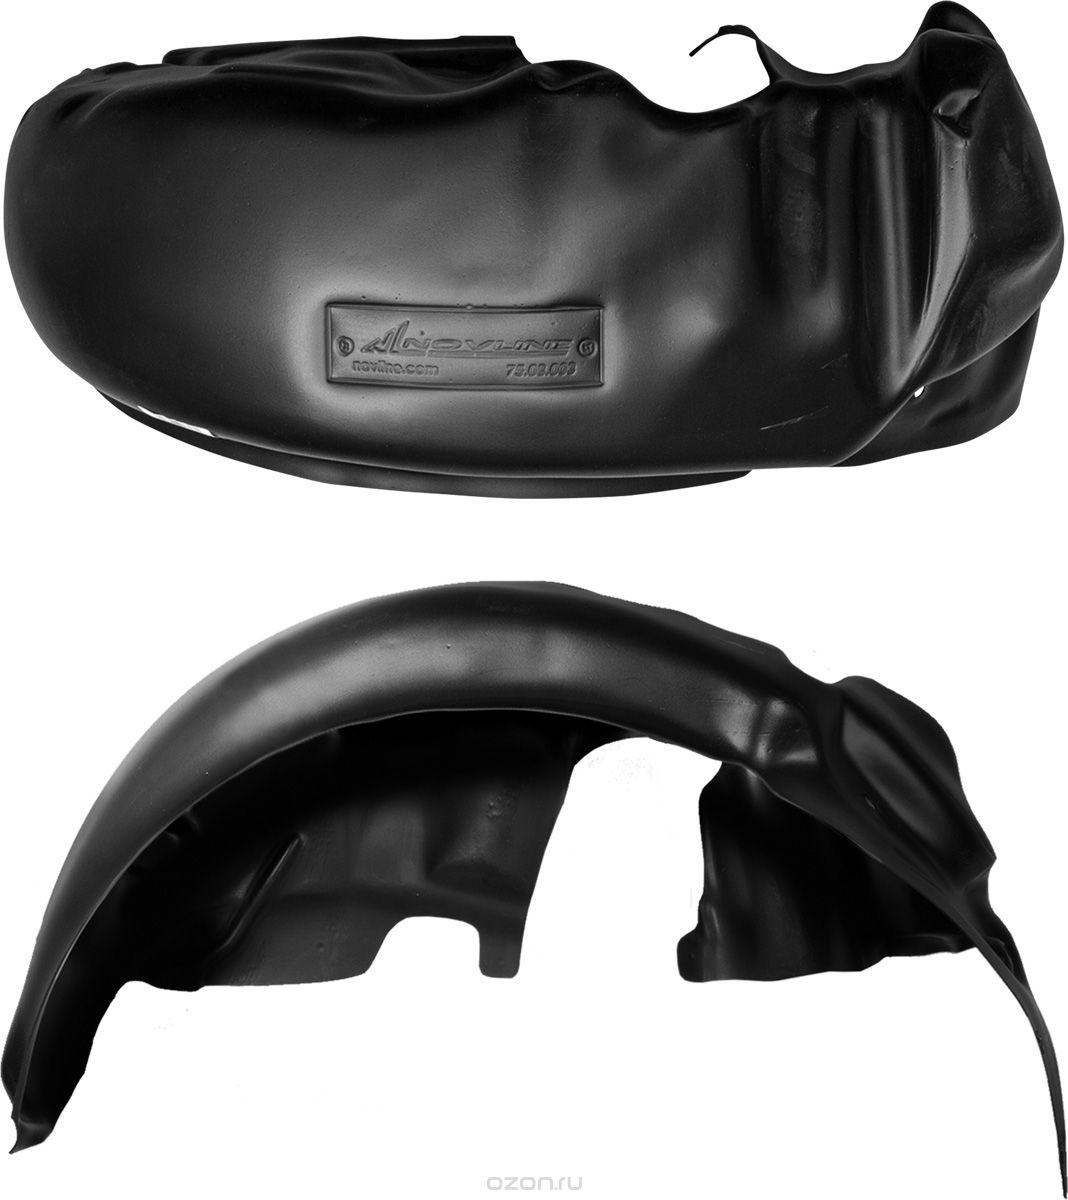 Подкрылок Novline-Autofamily, для FIAT Ducato 2006-2012, задний левыйNLL.15.10.003Идеальная защита колесной ниши. Локеры разработаны с применением цифровых технологий, гарантируют максимальную повторяемость поверхности арки. Изделия устанавливаются без нарушения лакокрасочного покрытия автомобиля, каждый подкрылок комплектуется крепежом. Уважаемые клиенты, обращаем ваше внимание, что фотографии на подкрылки универсальные и не отражают реальную форму изделия. При этом само изделие идет точно под размер указанного автомобиля.